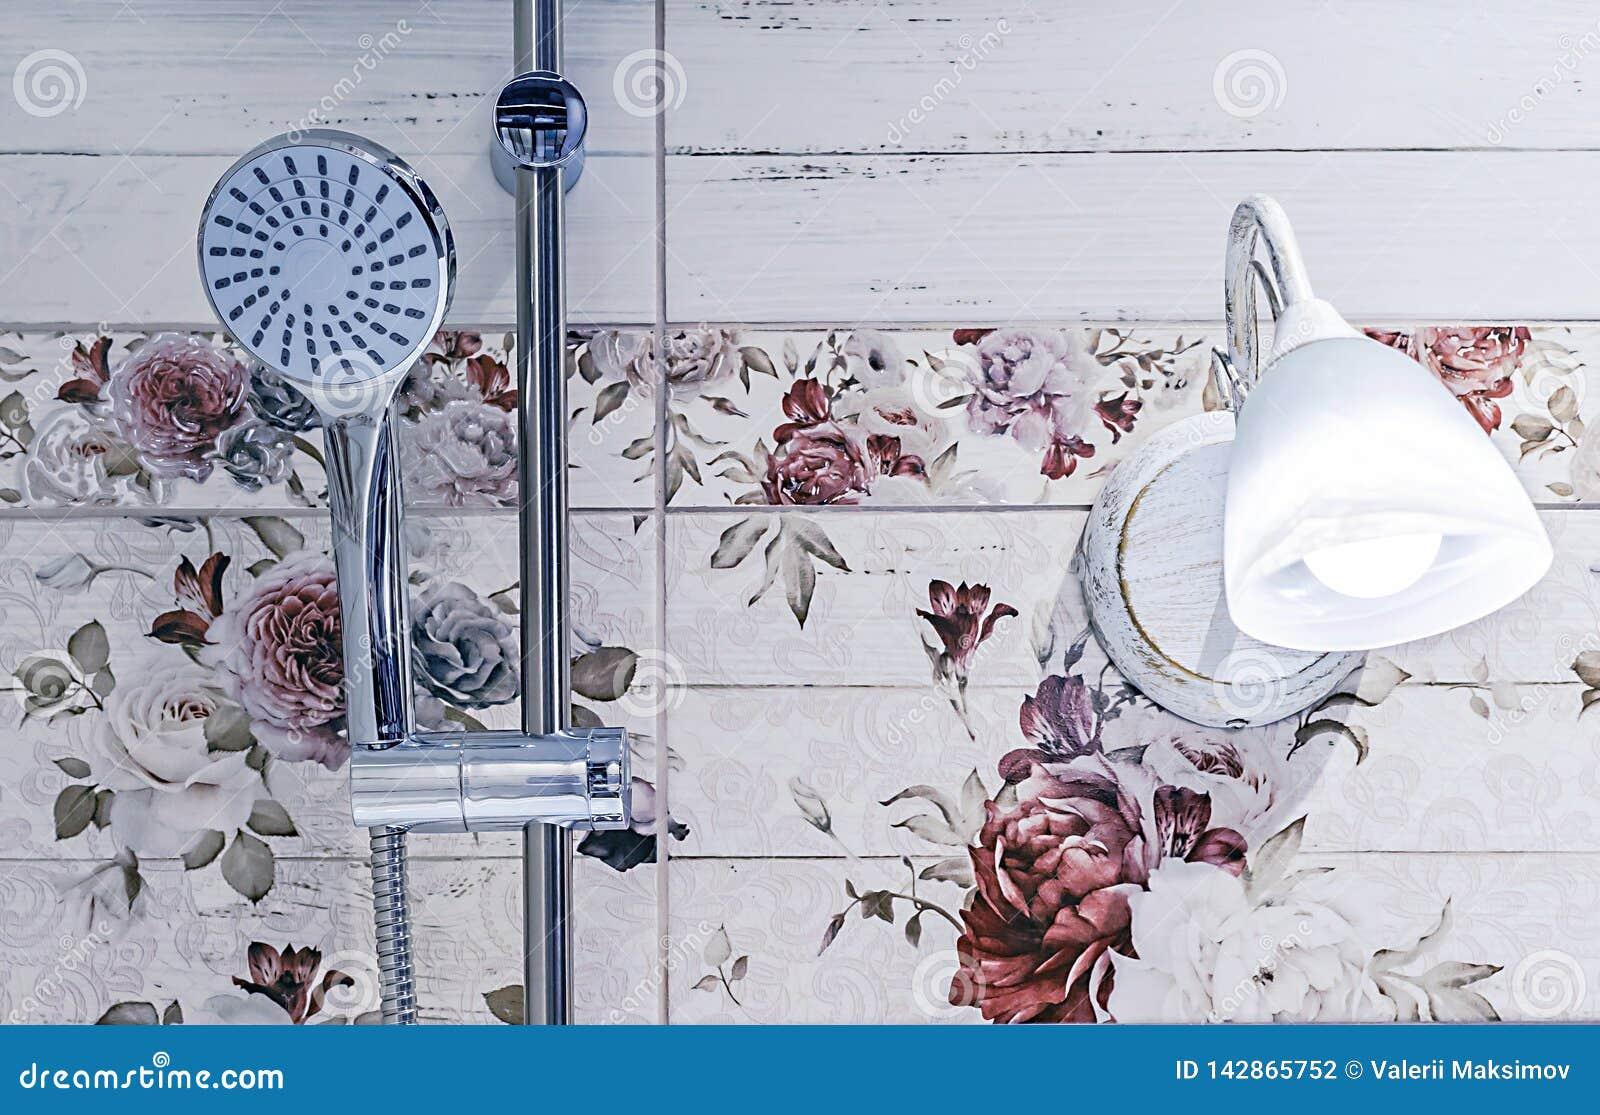 Cabeça de chuveiro de Chrome no interior do banheiro